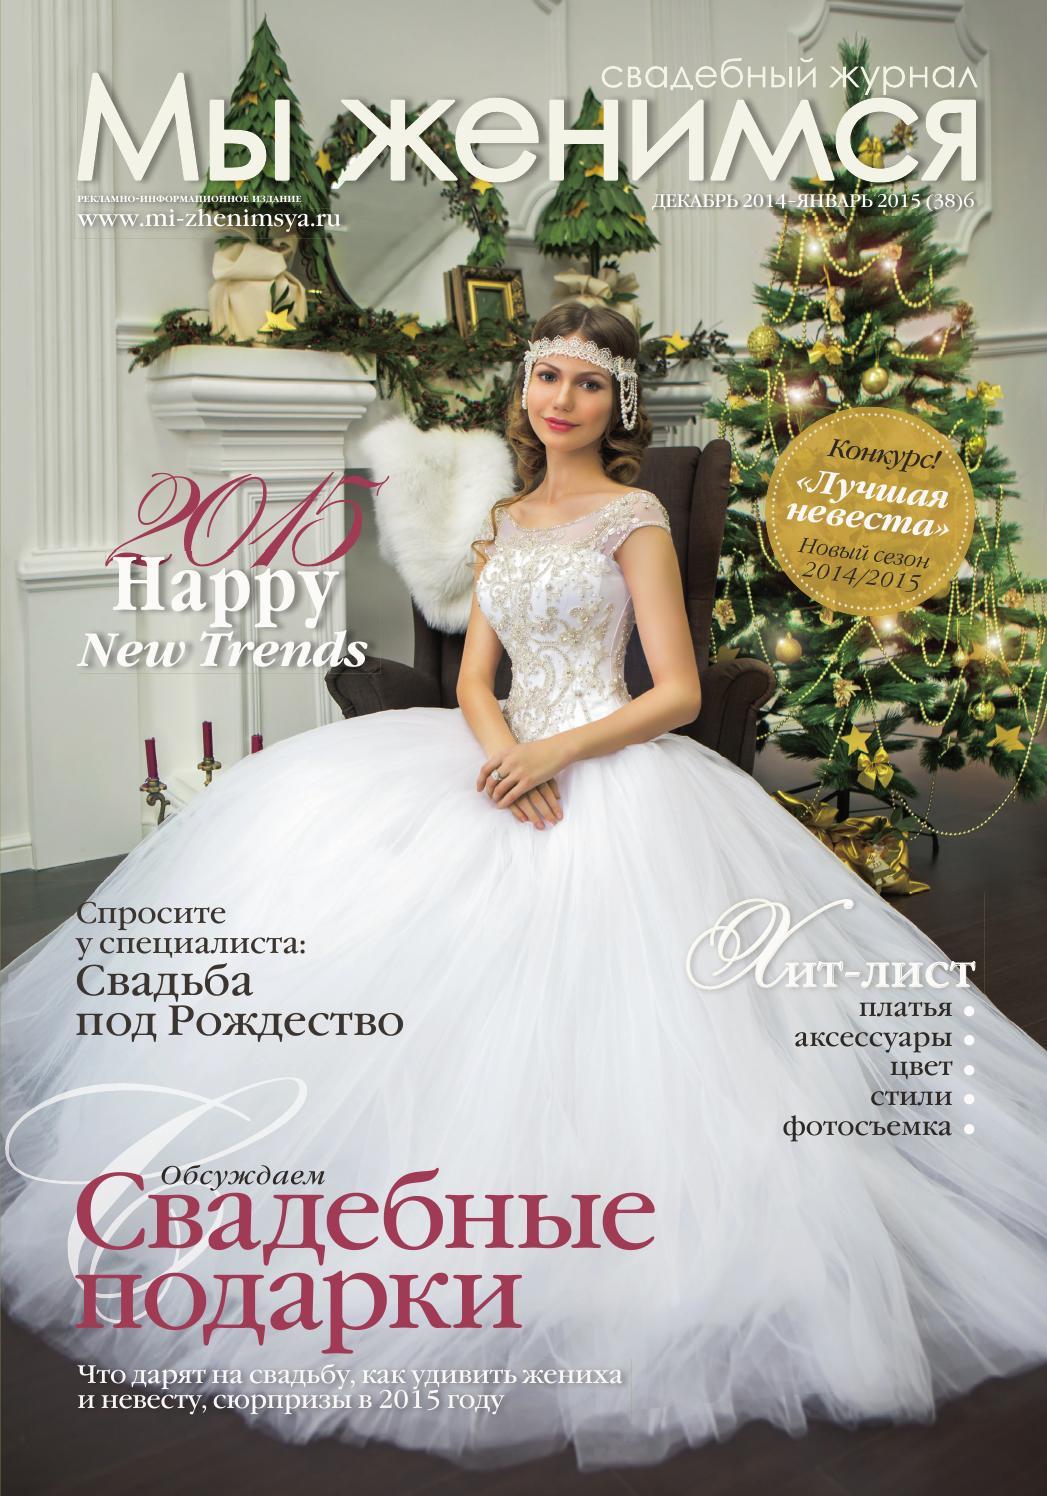 Мы женимся №38(6). Декабрь 2014 г. - январь 2015 г. by Мы женимся - issuu 80782fab57a5f